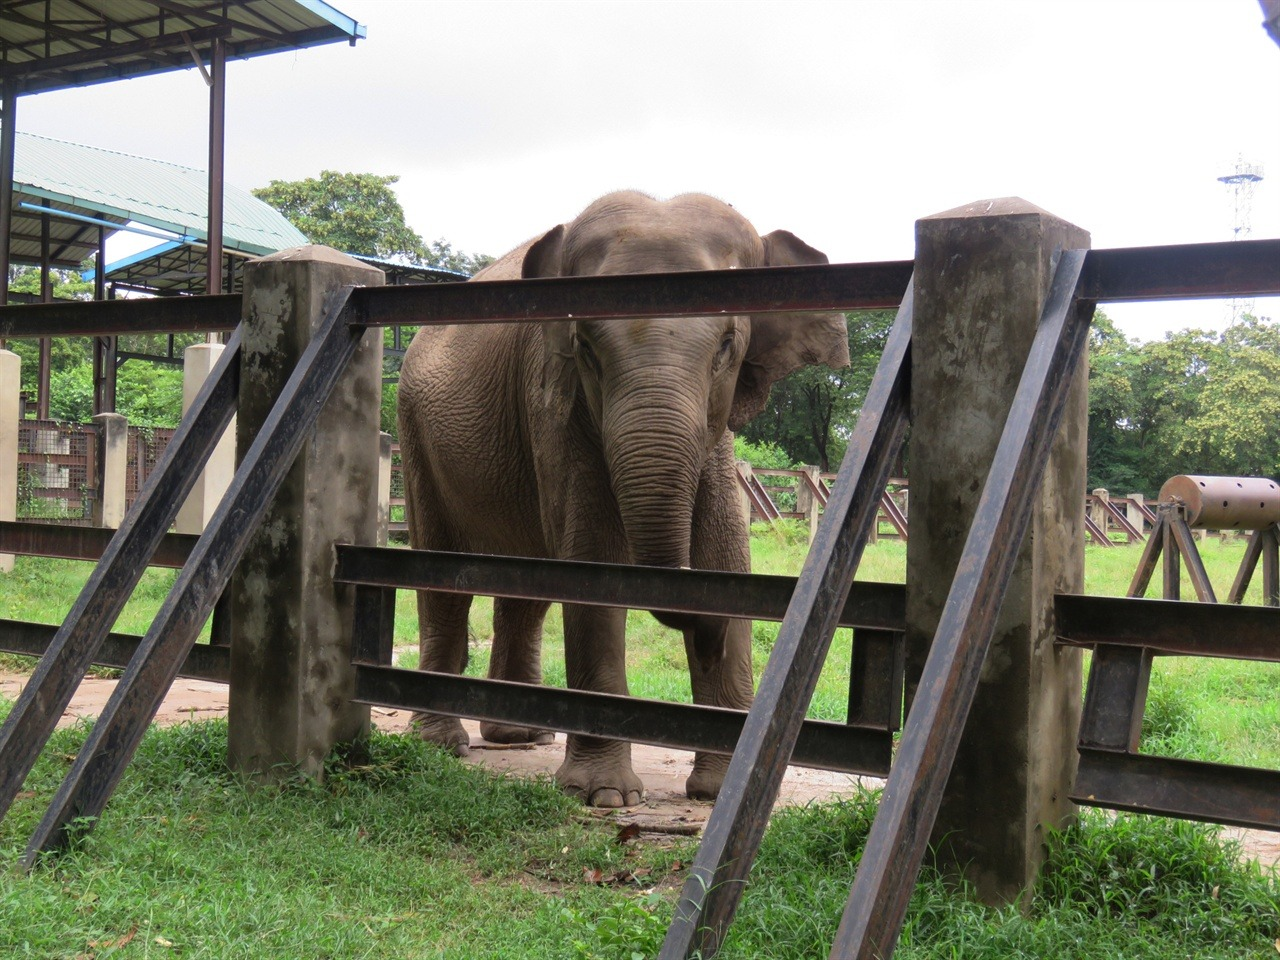 우리에게 긴 코를 휘두르며 물을 계속 뿌리던 코끼리